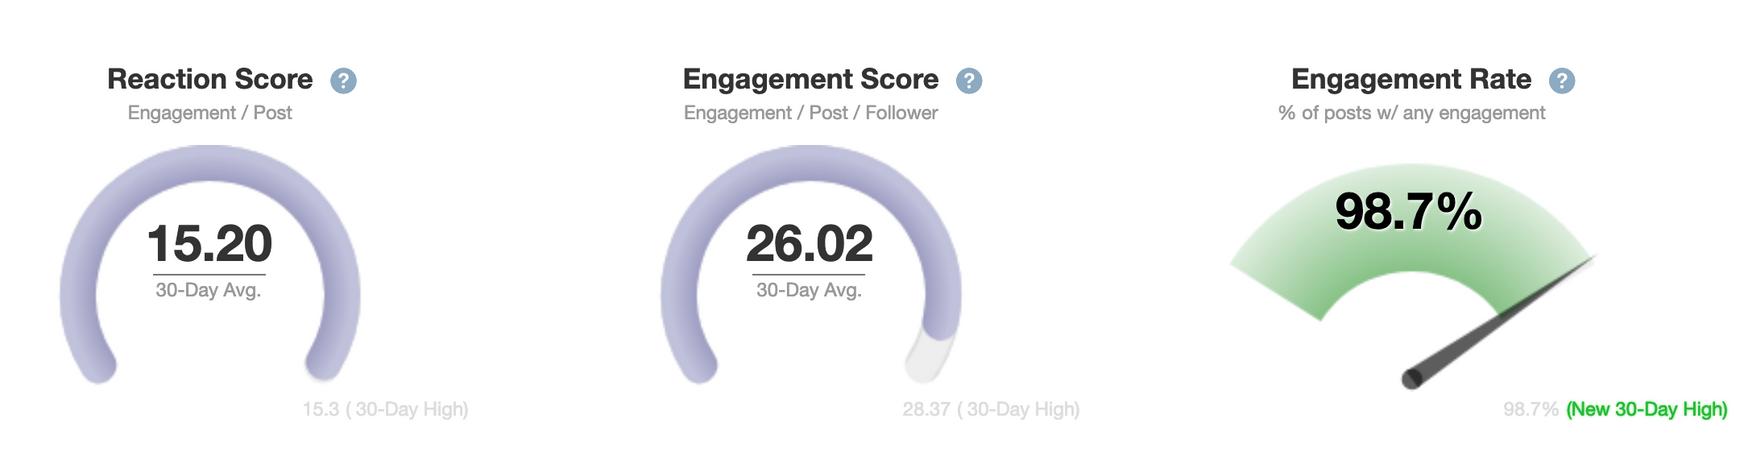 Engagement Scores